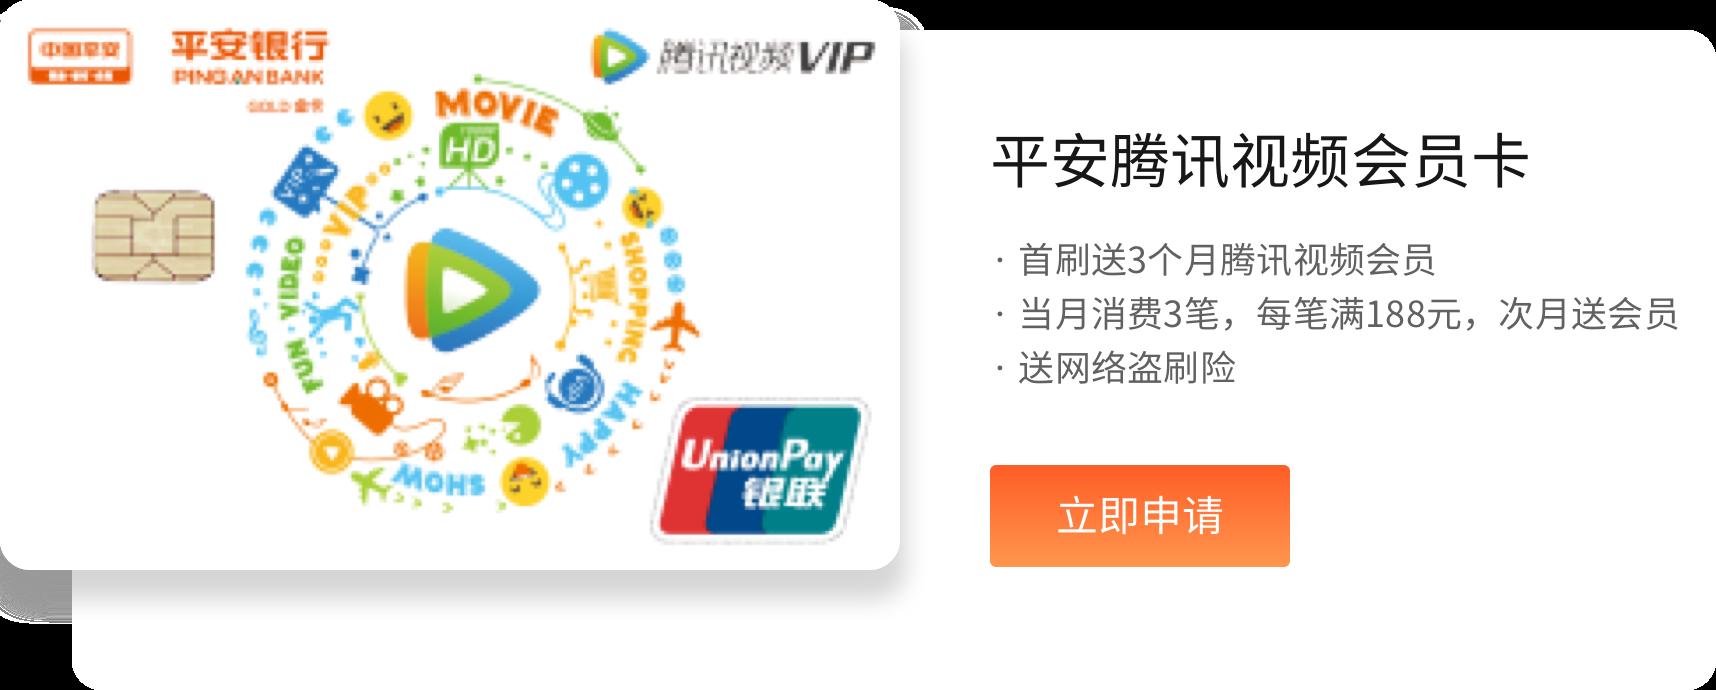 平安腾讯视频会员卡